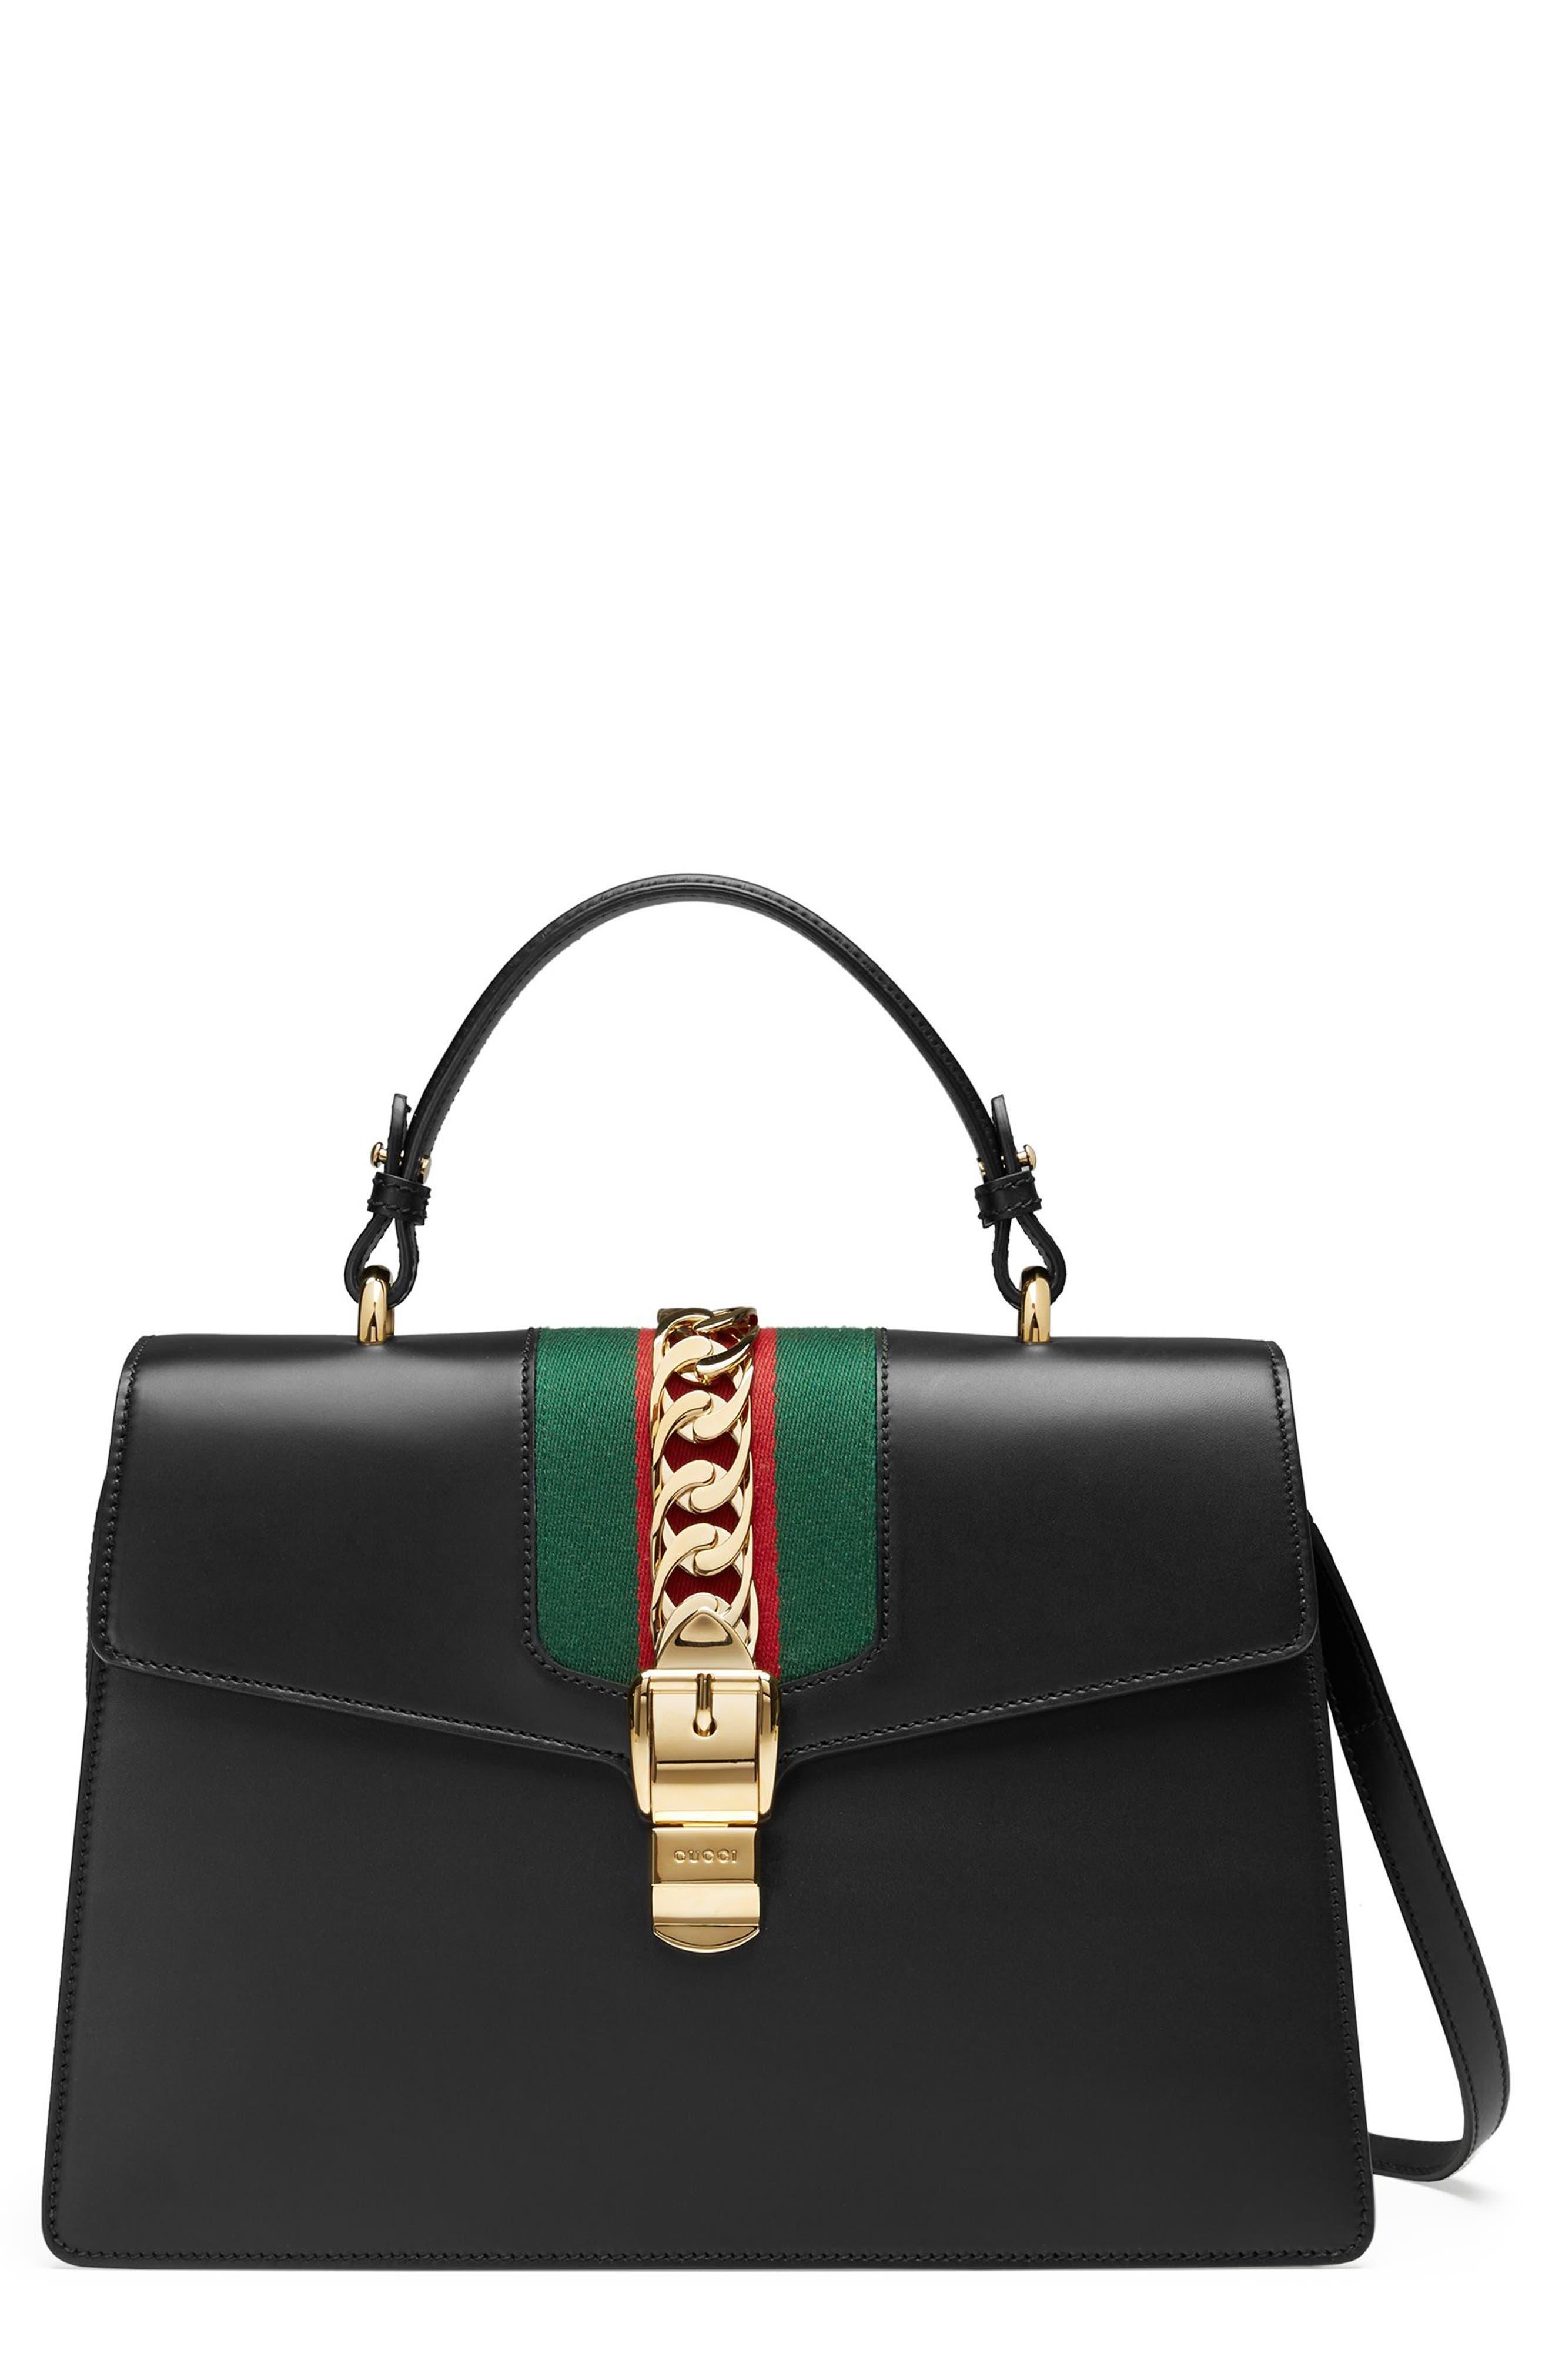 Sylvie Top Handle Leather Shoulder Bag,                             Main thumbnail 1, color,                             NERO/VRV